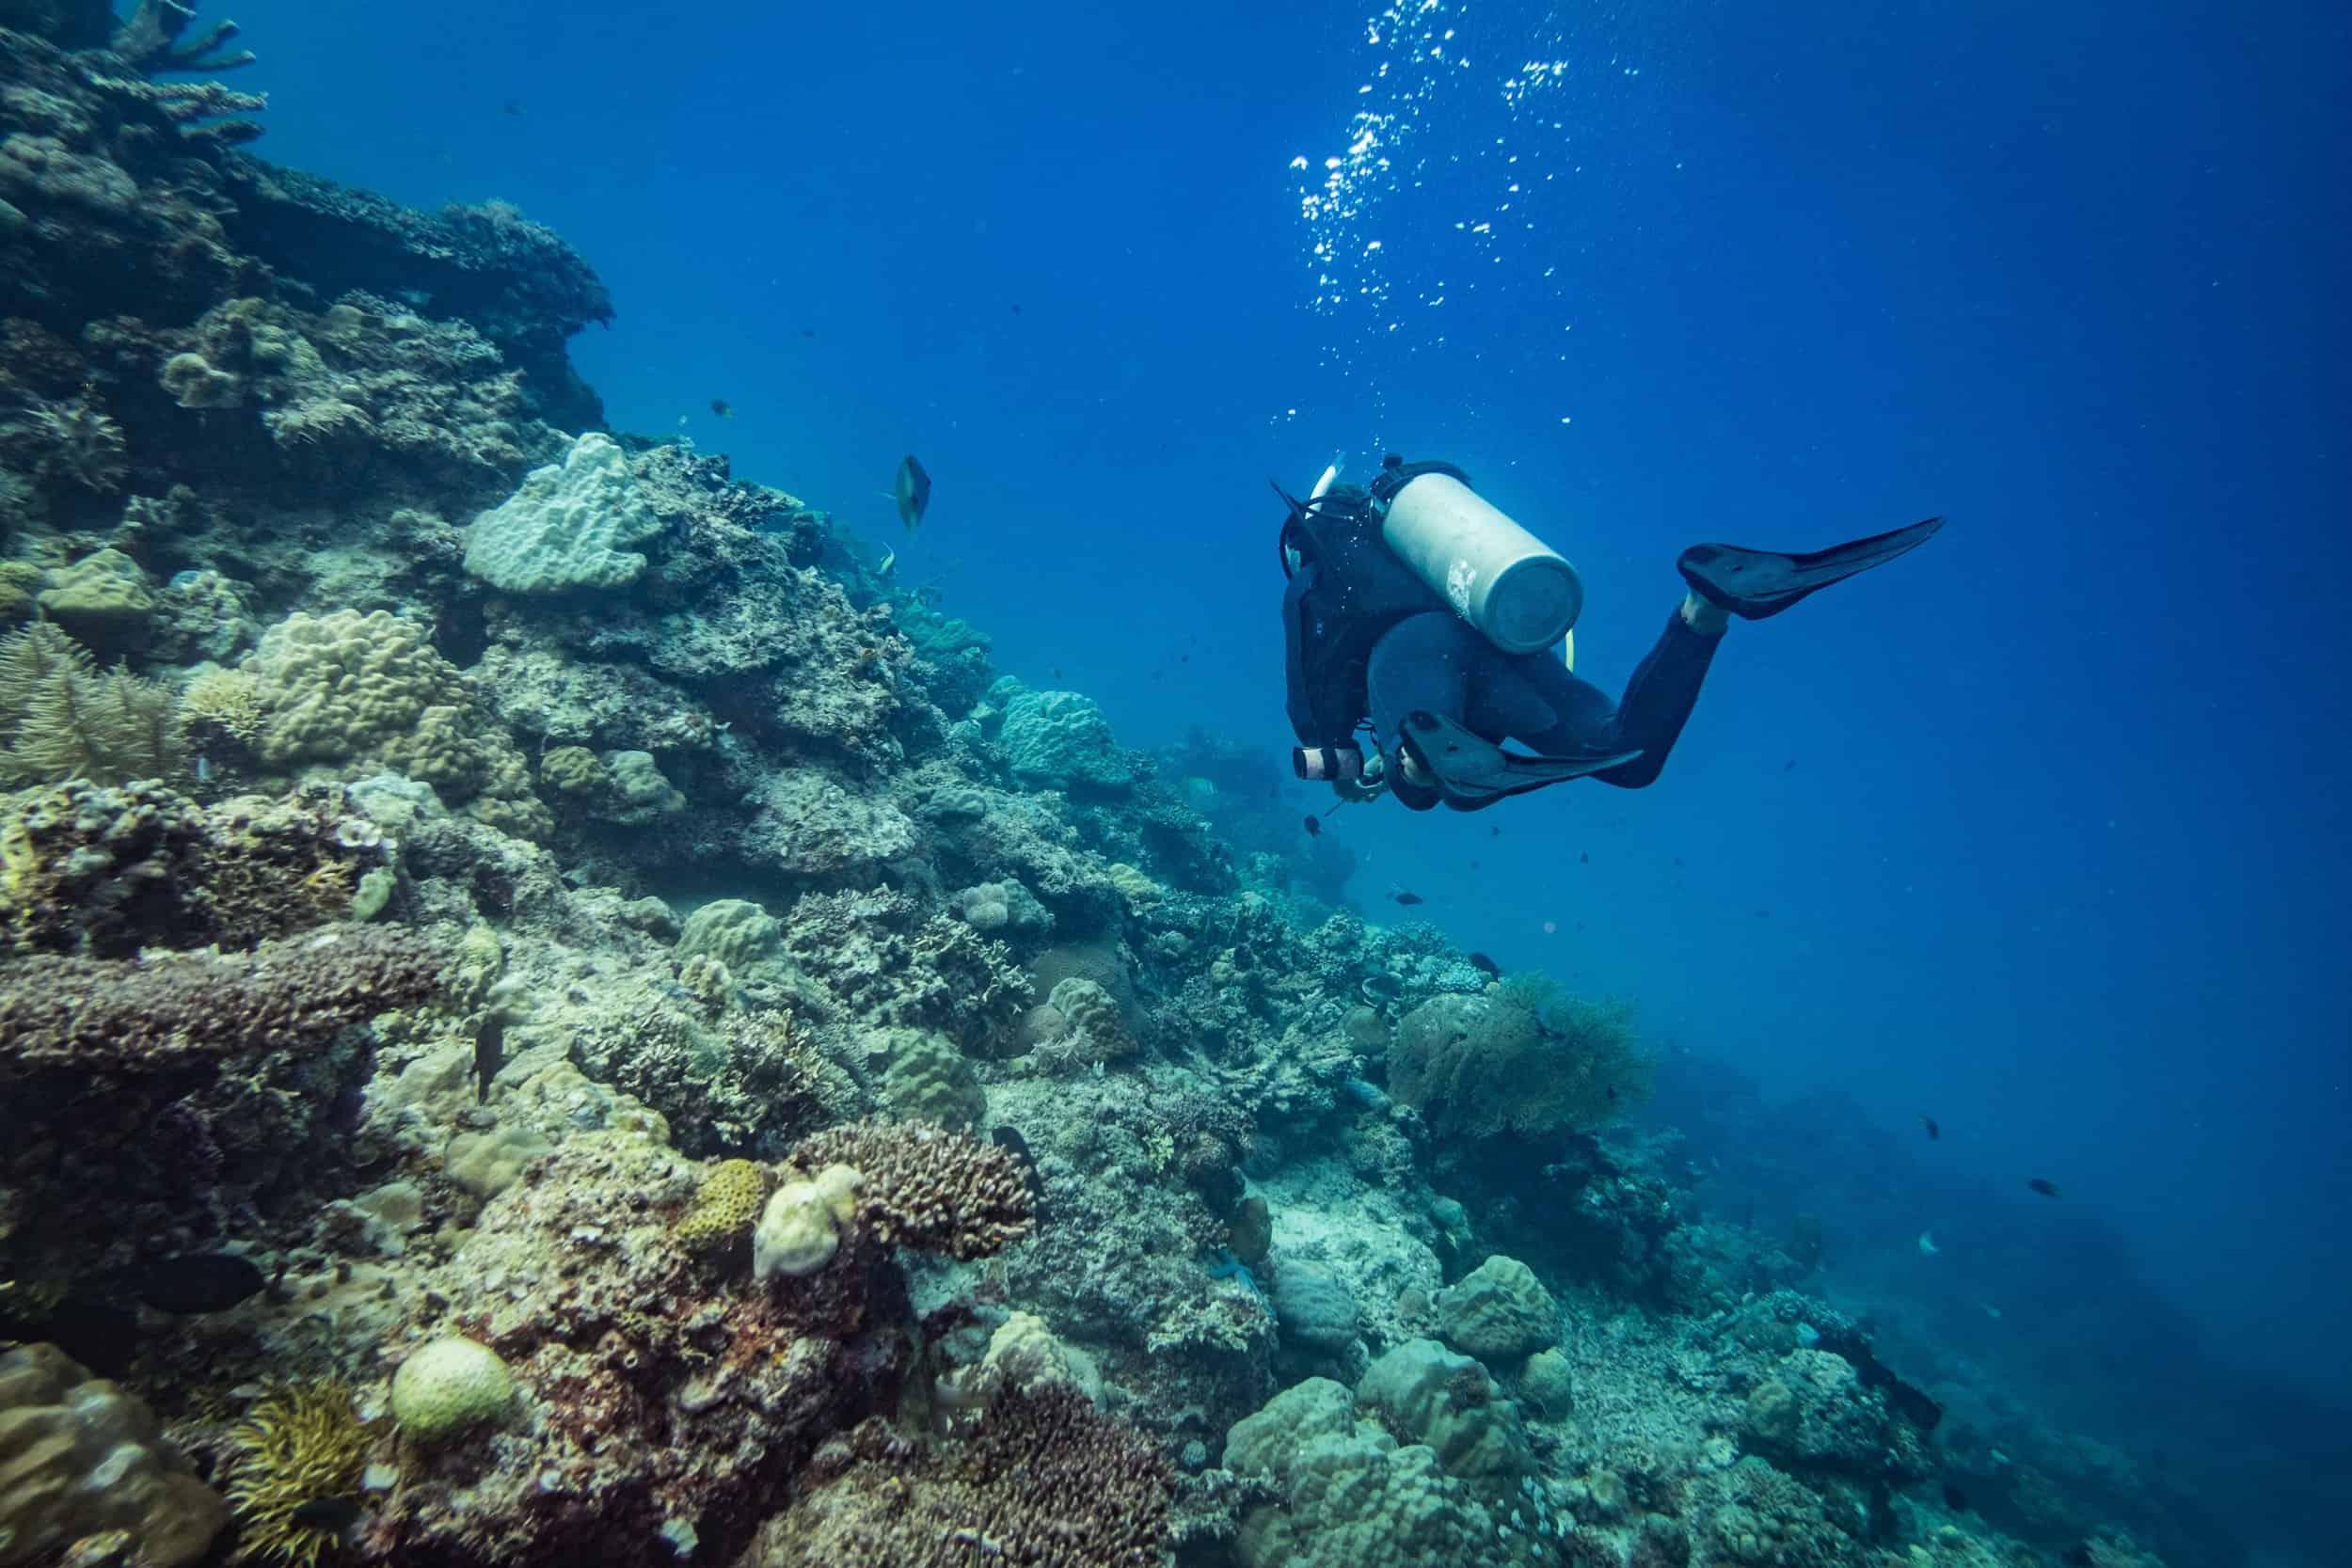 Scuba Diving Tour in Coron